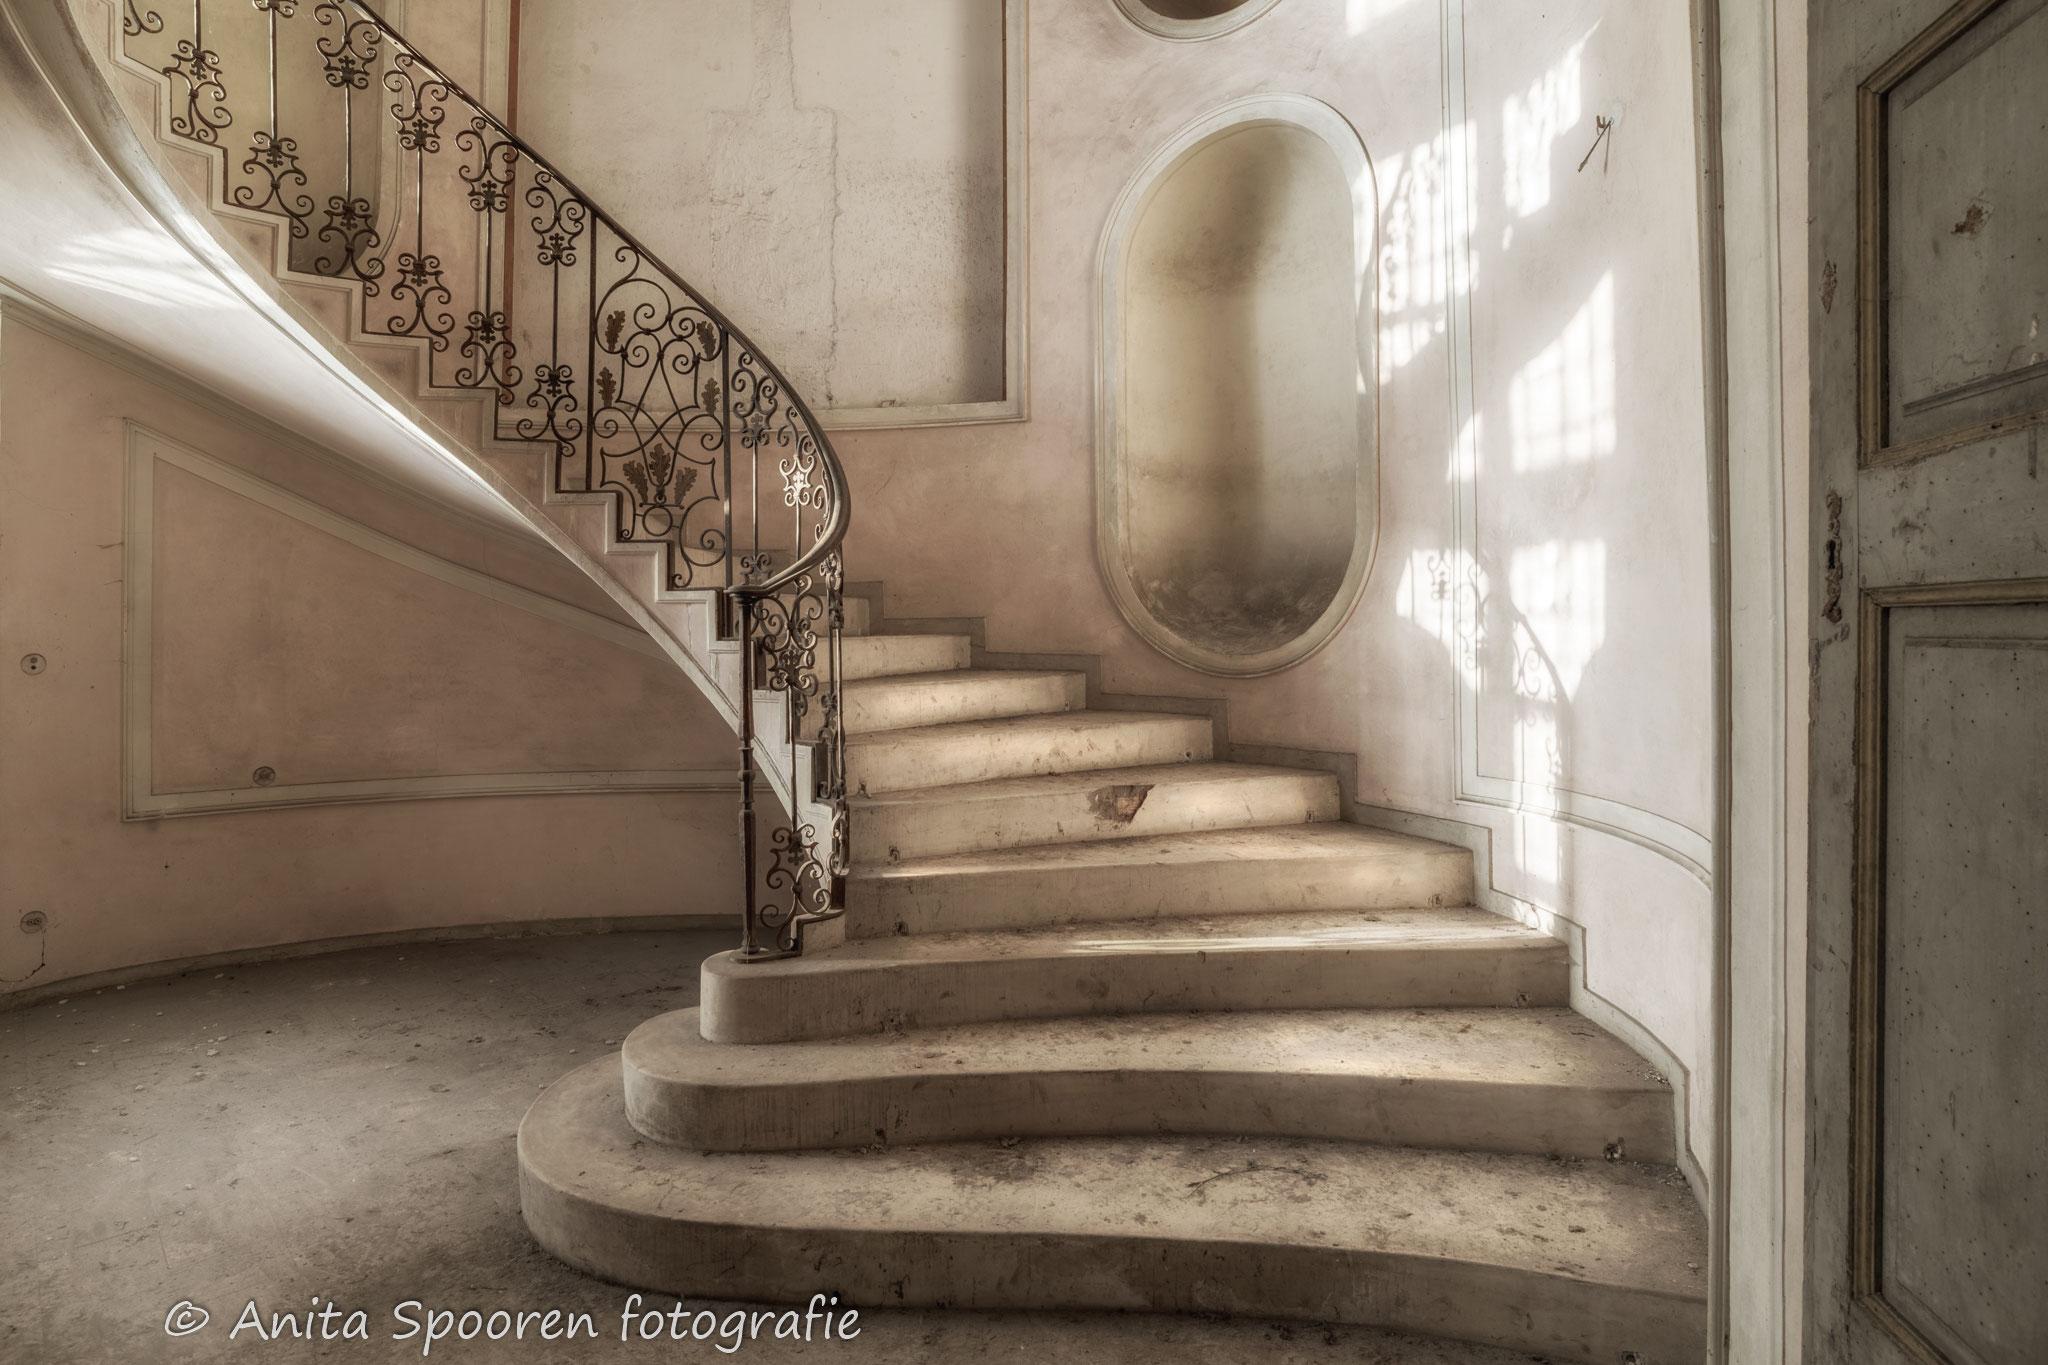 Villa Carpineto Anita Spooren Fotografie